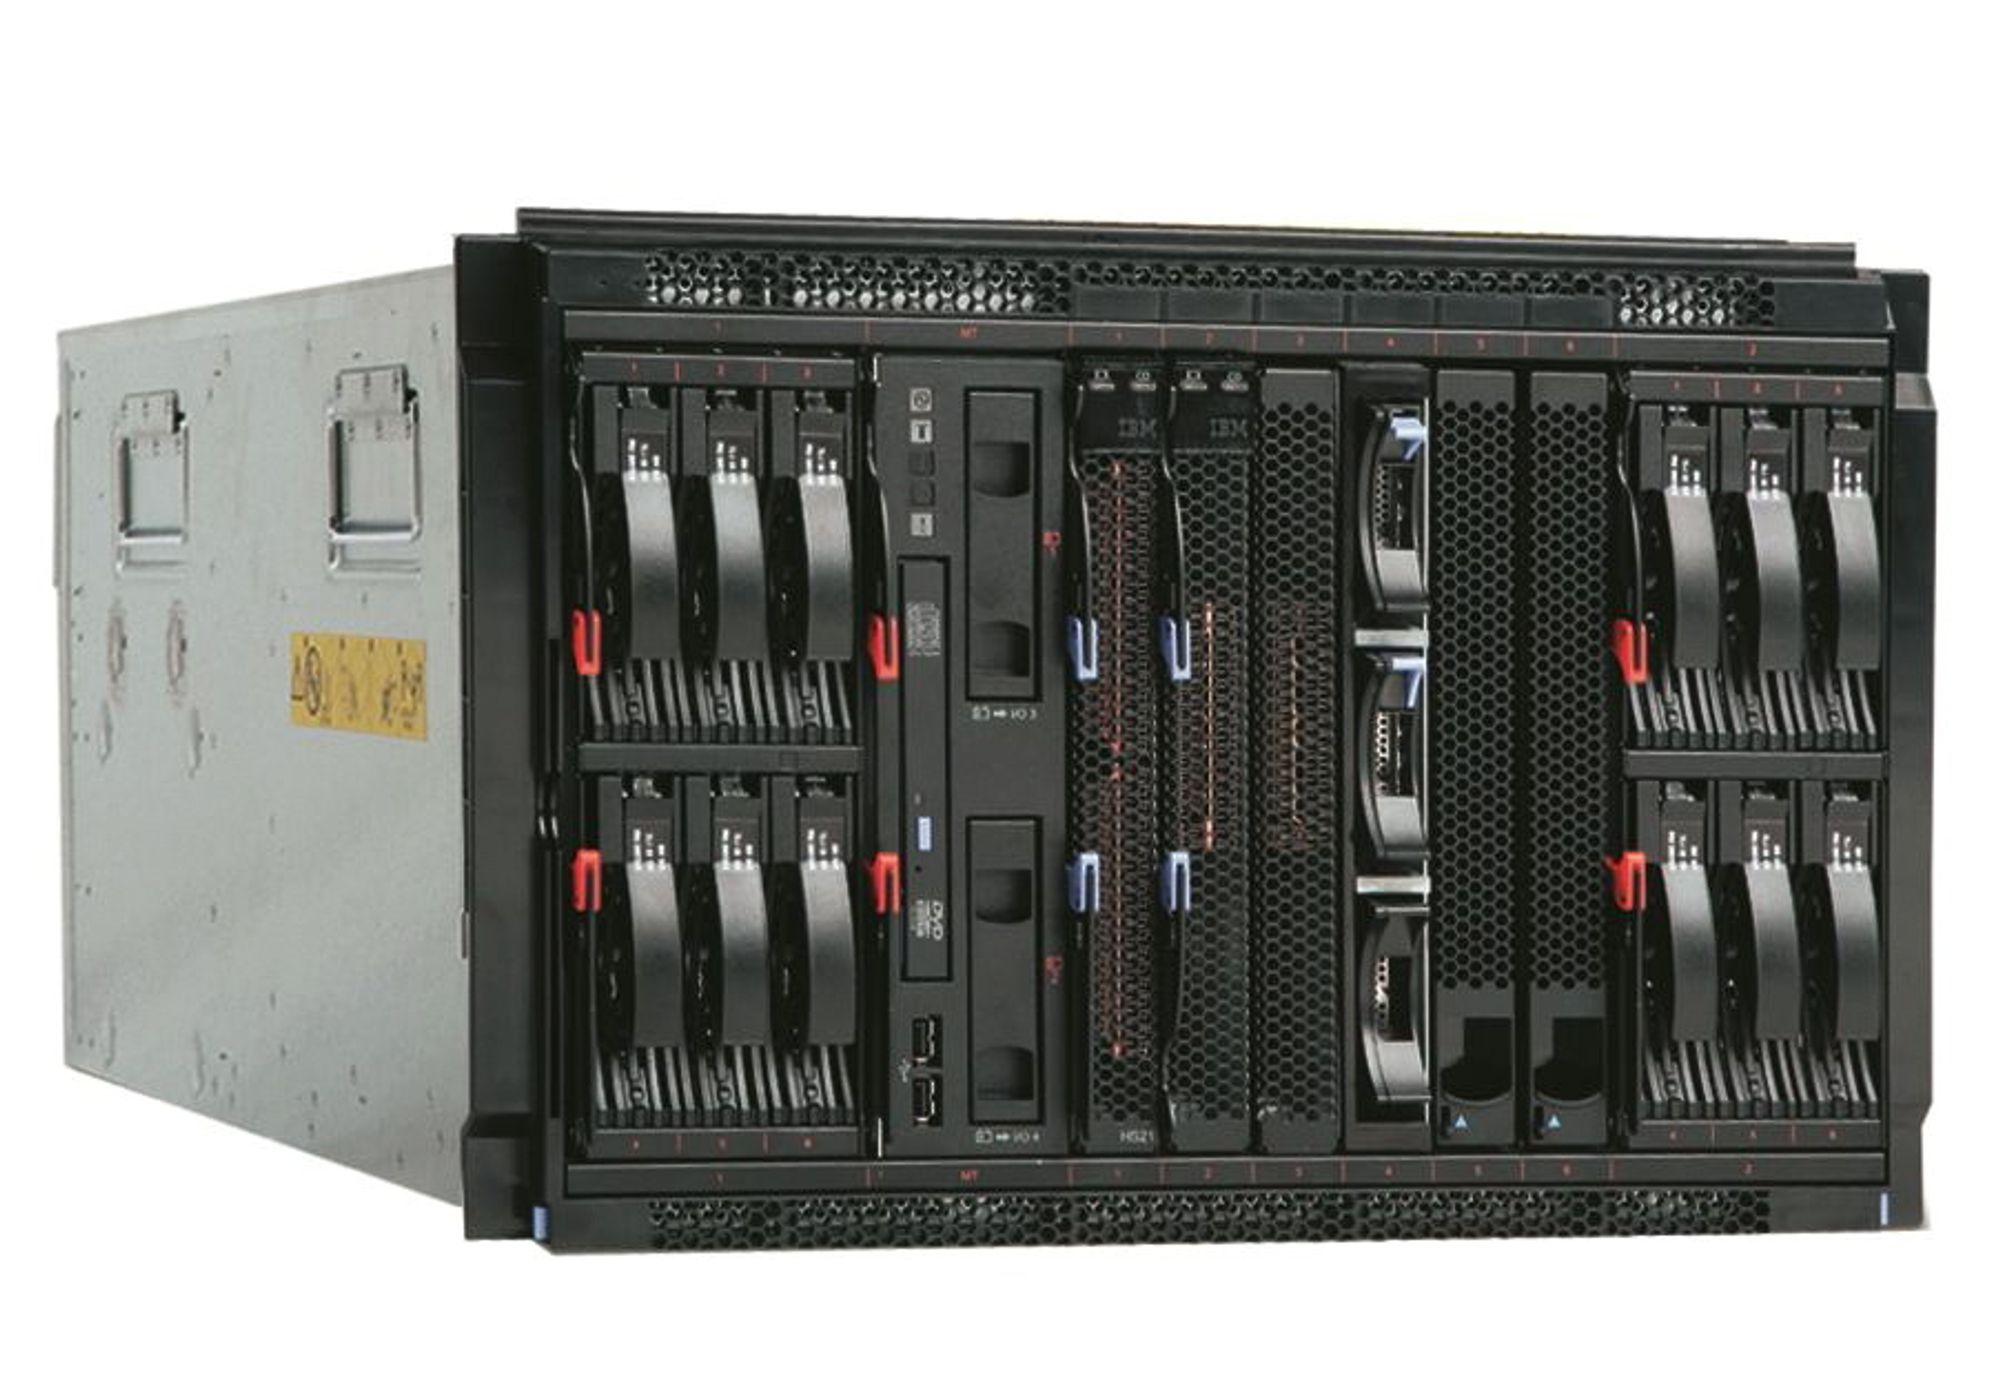 Grom bladserverløsning for DCS med kort konfigurasjonstid, redusert energiforbruk og kjapp gjenoppretting etter feil.